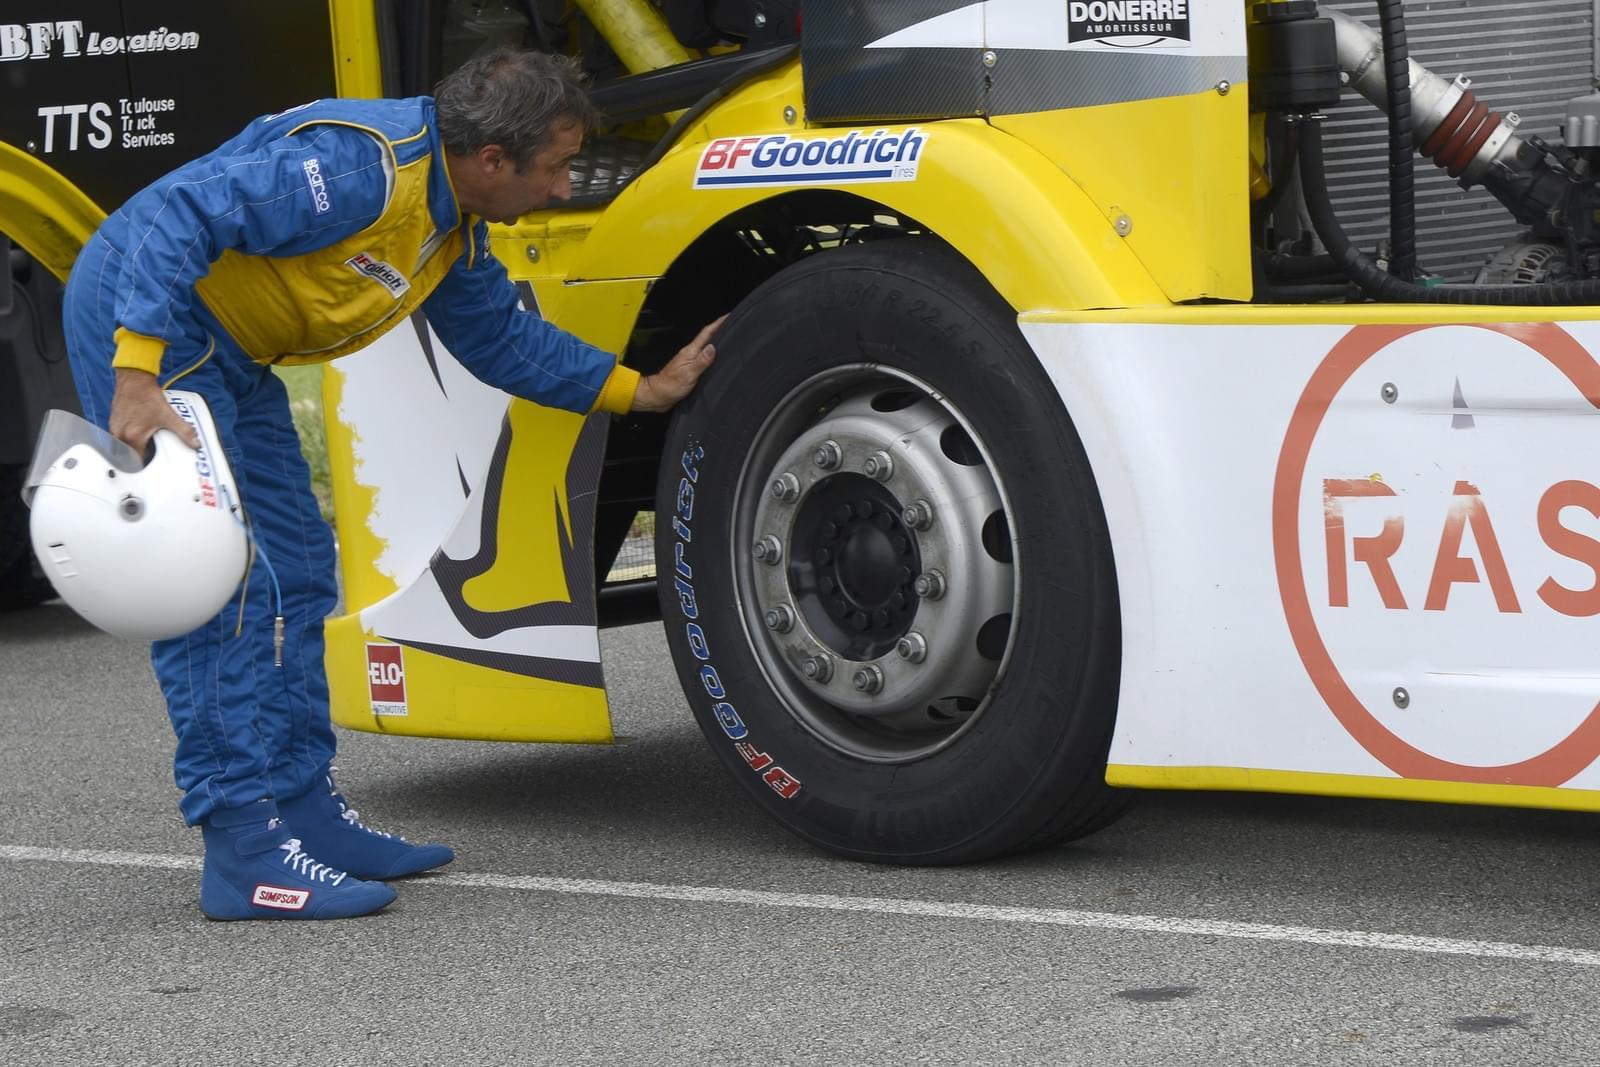 závody tahačů; výzva pro kamiony; závodní pneu